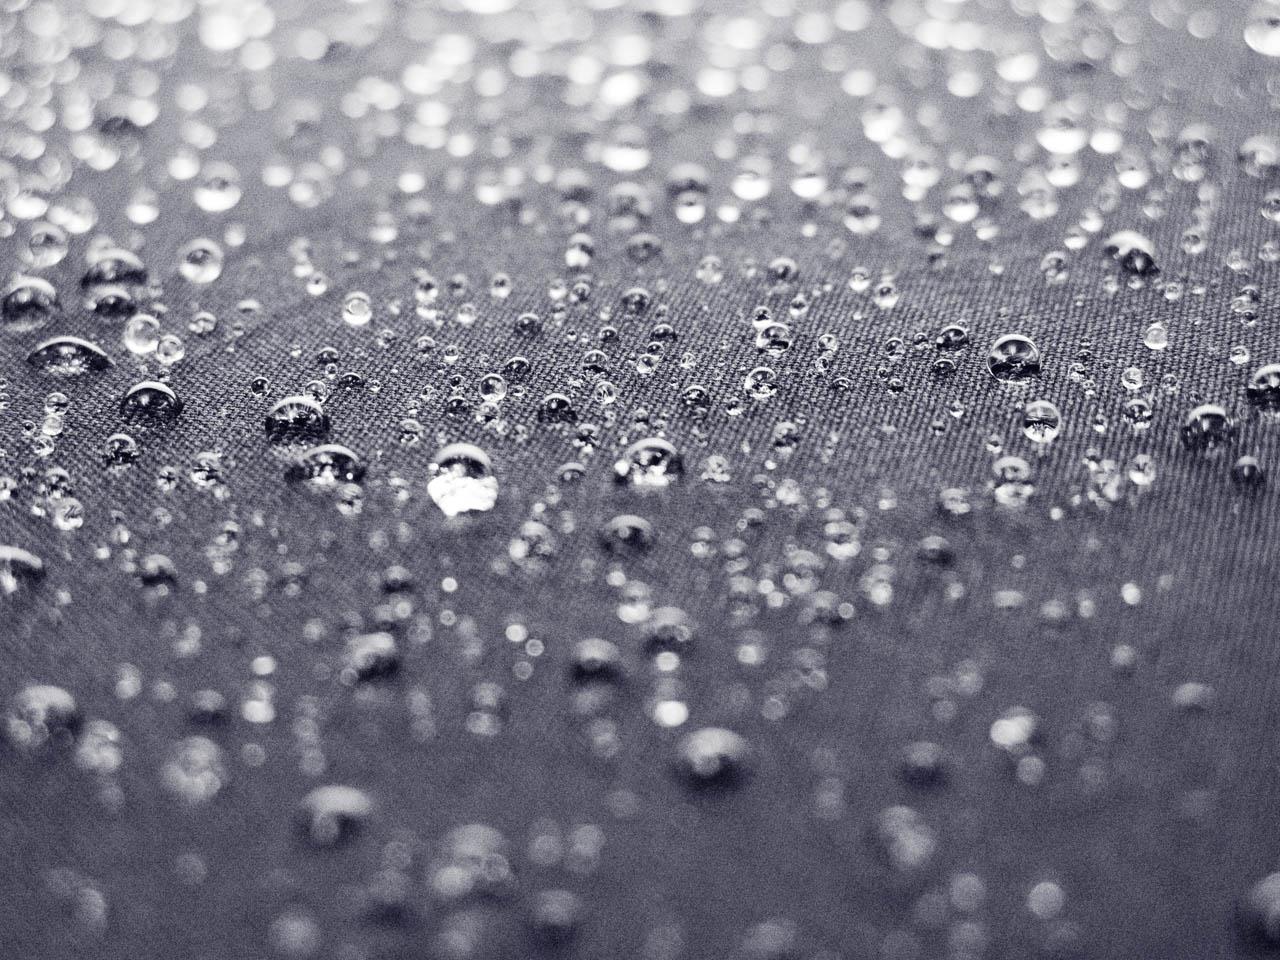 http://www.leirdal.net/blog/uploads/rain2.jpg